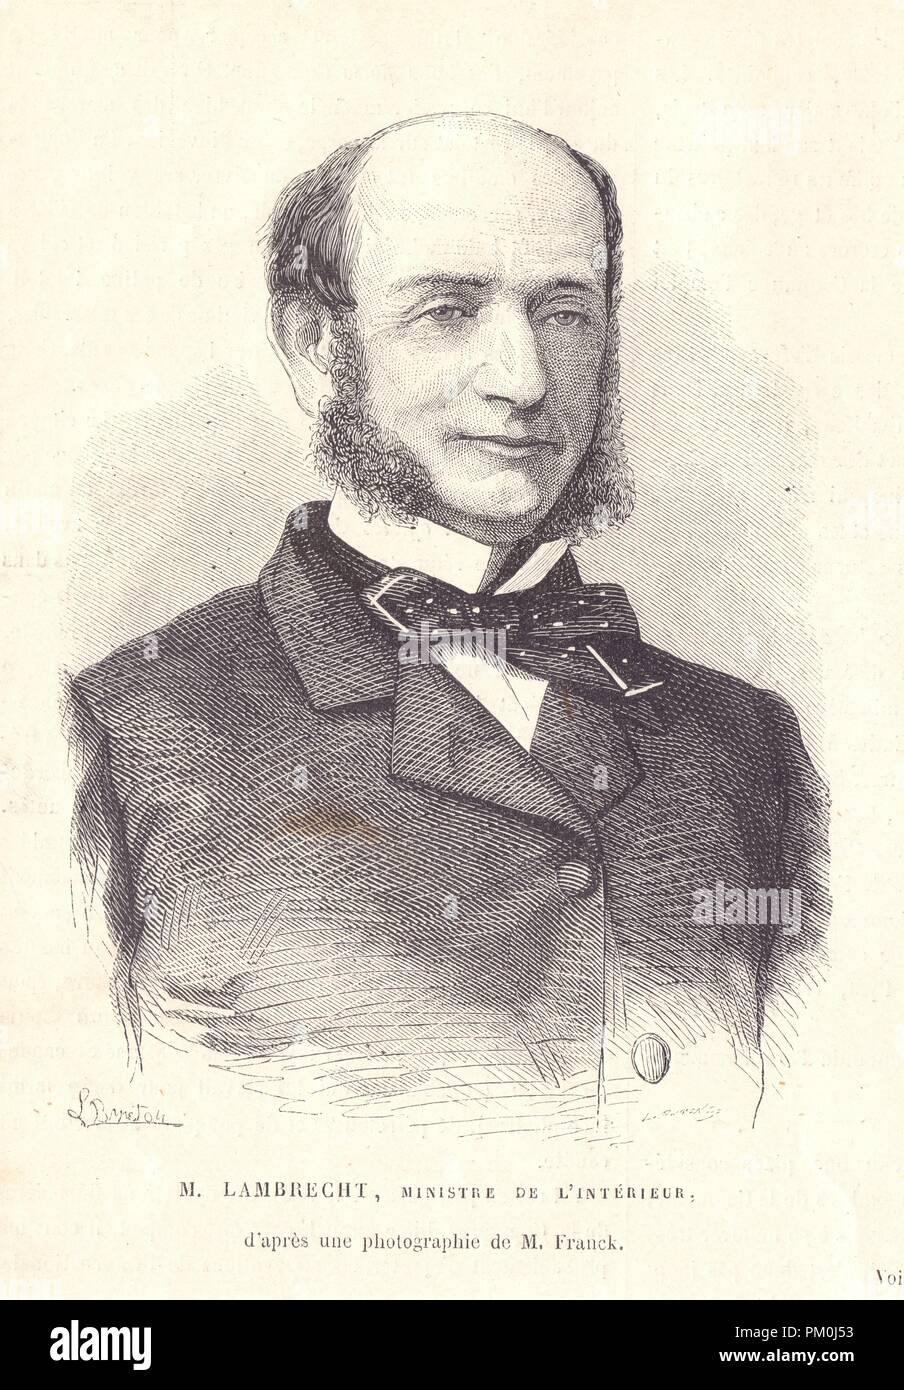 M. lambrecht. Ministre de l'Intérieur Stockbild